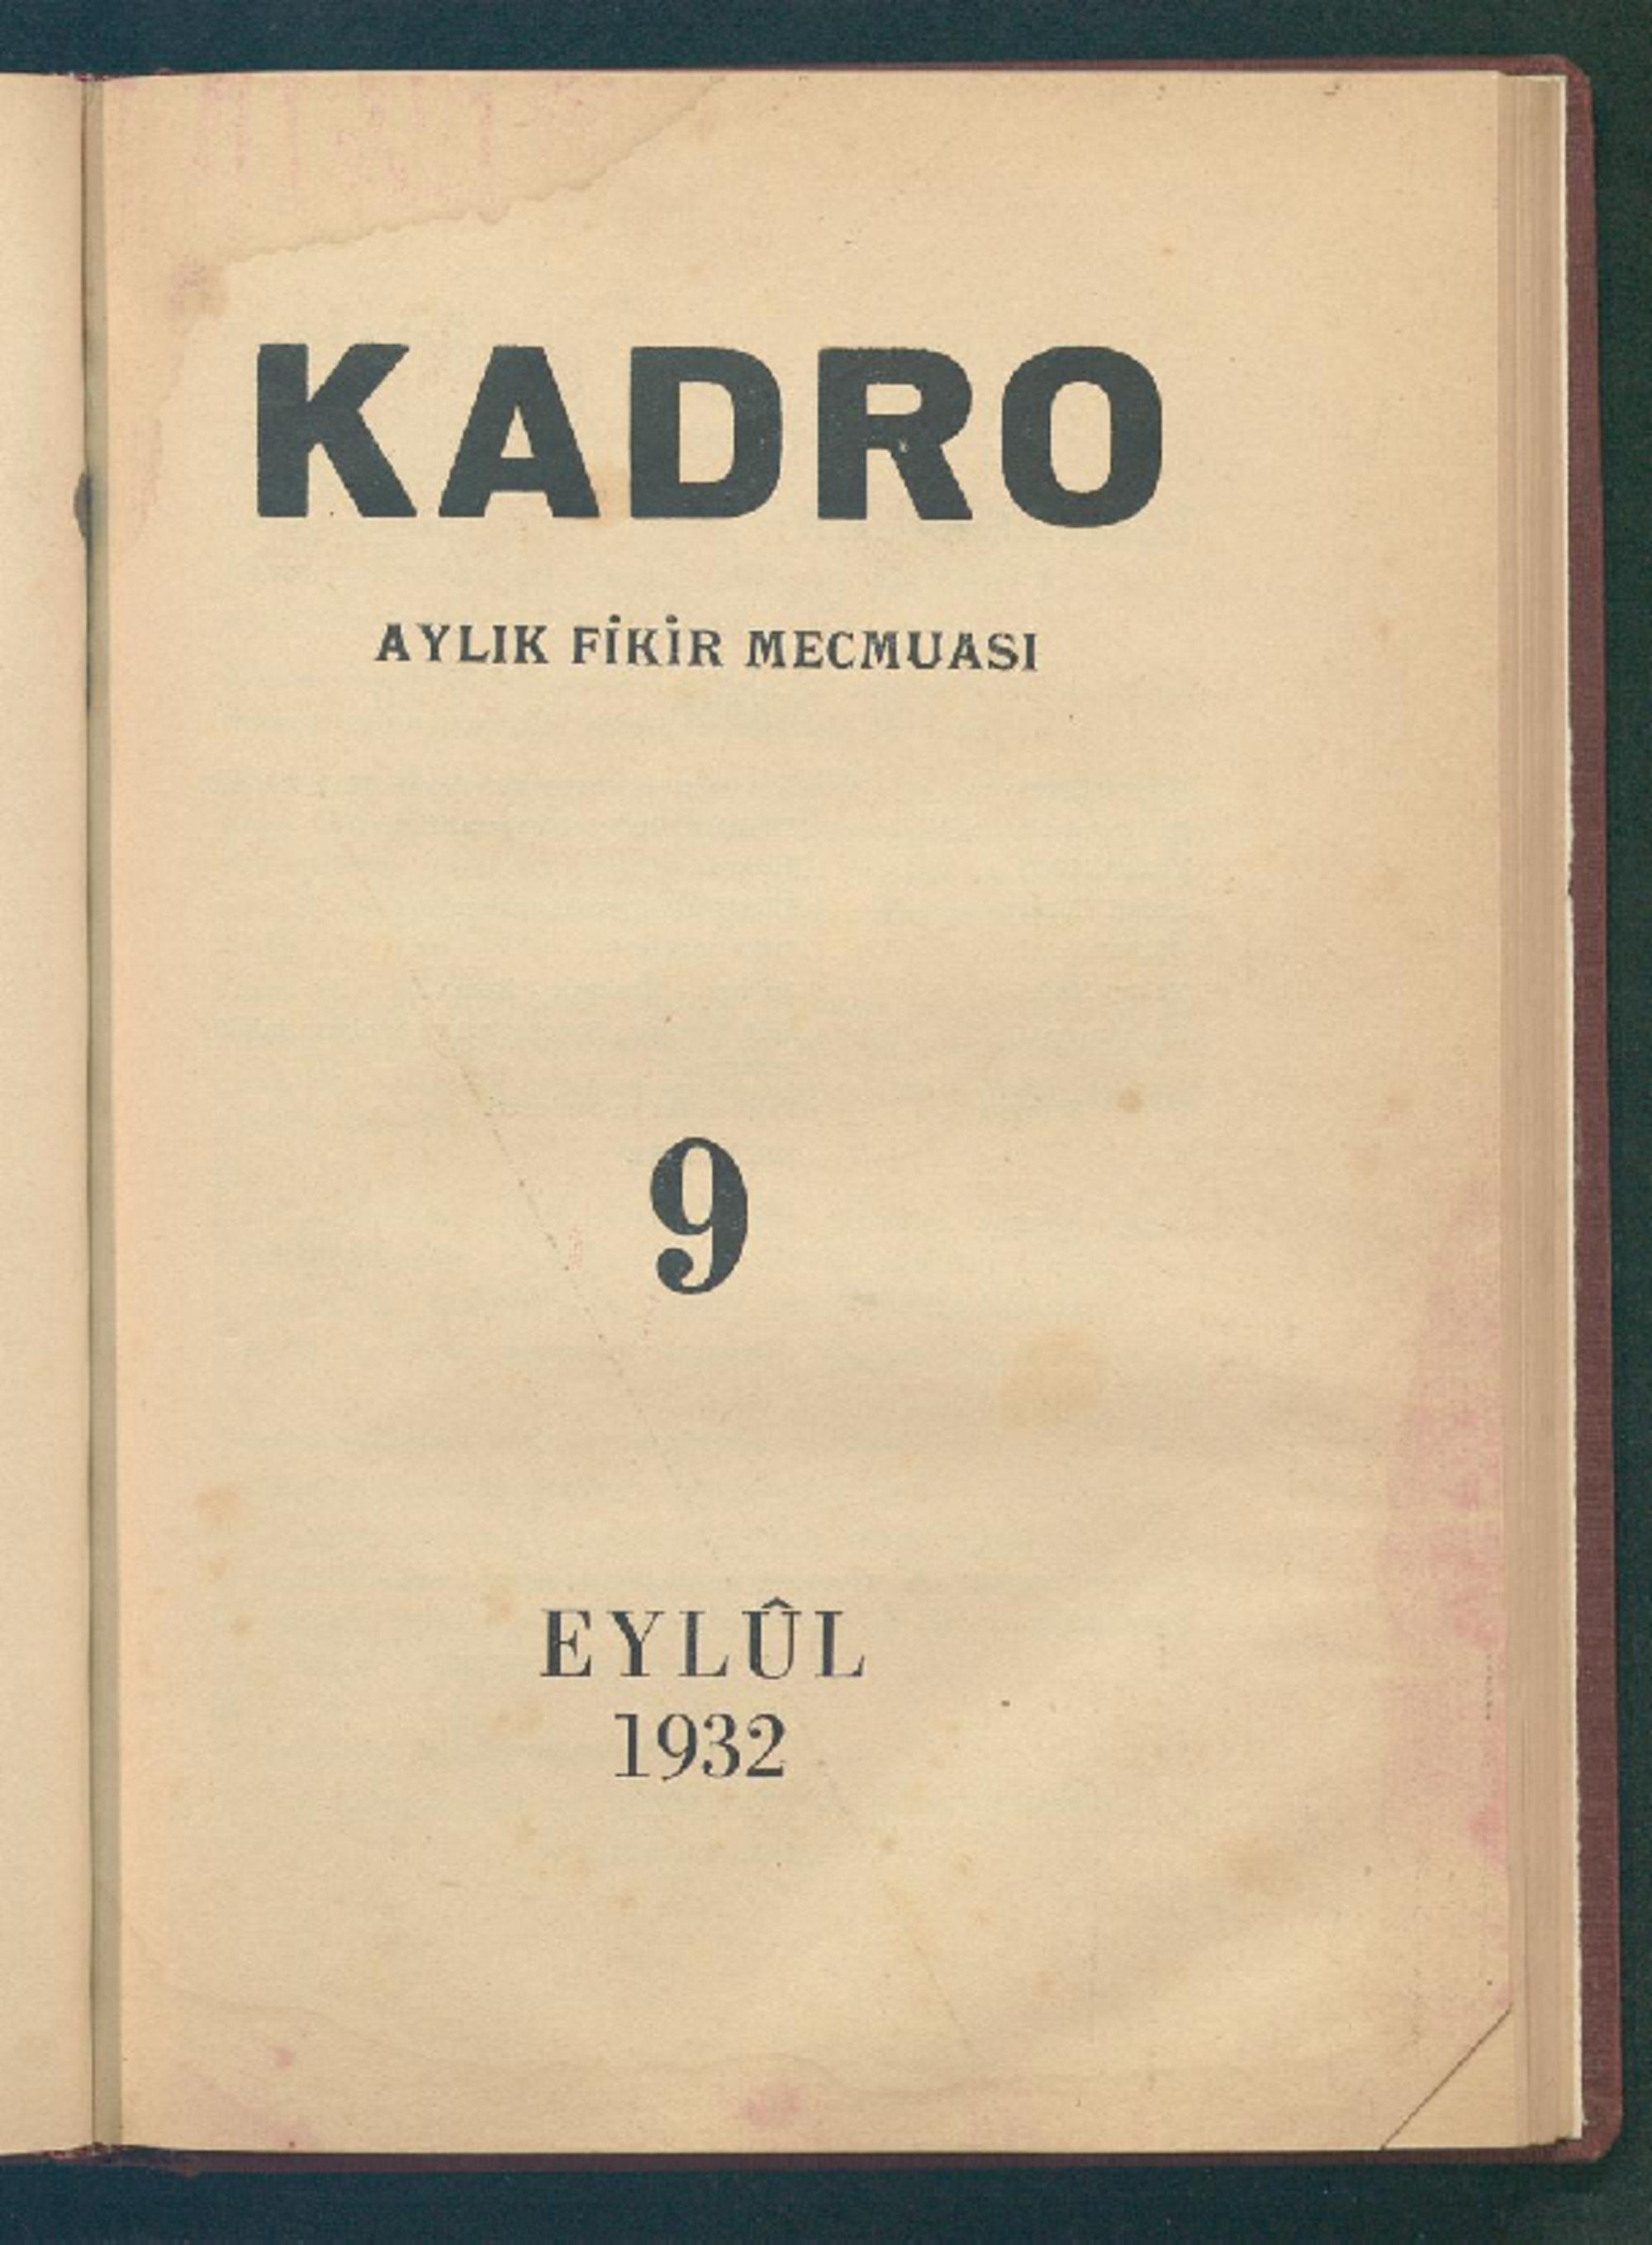 1 Eylül 1932 Tarihli Kadro Dergisi Sayfa 1